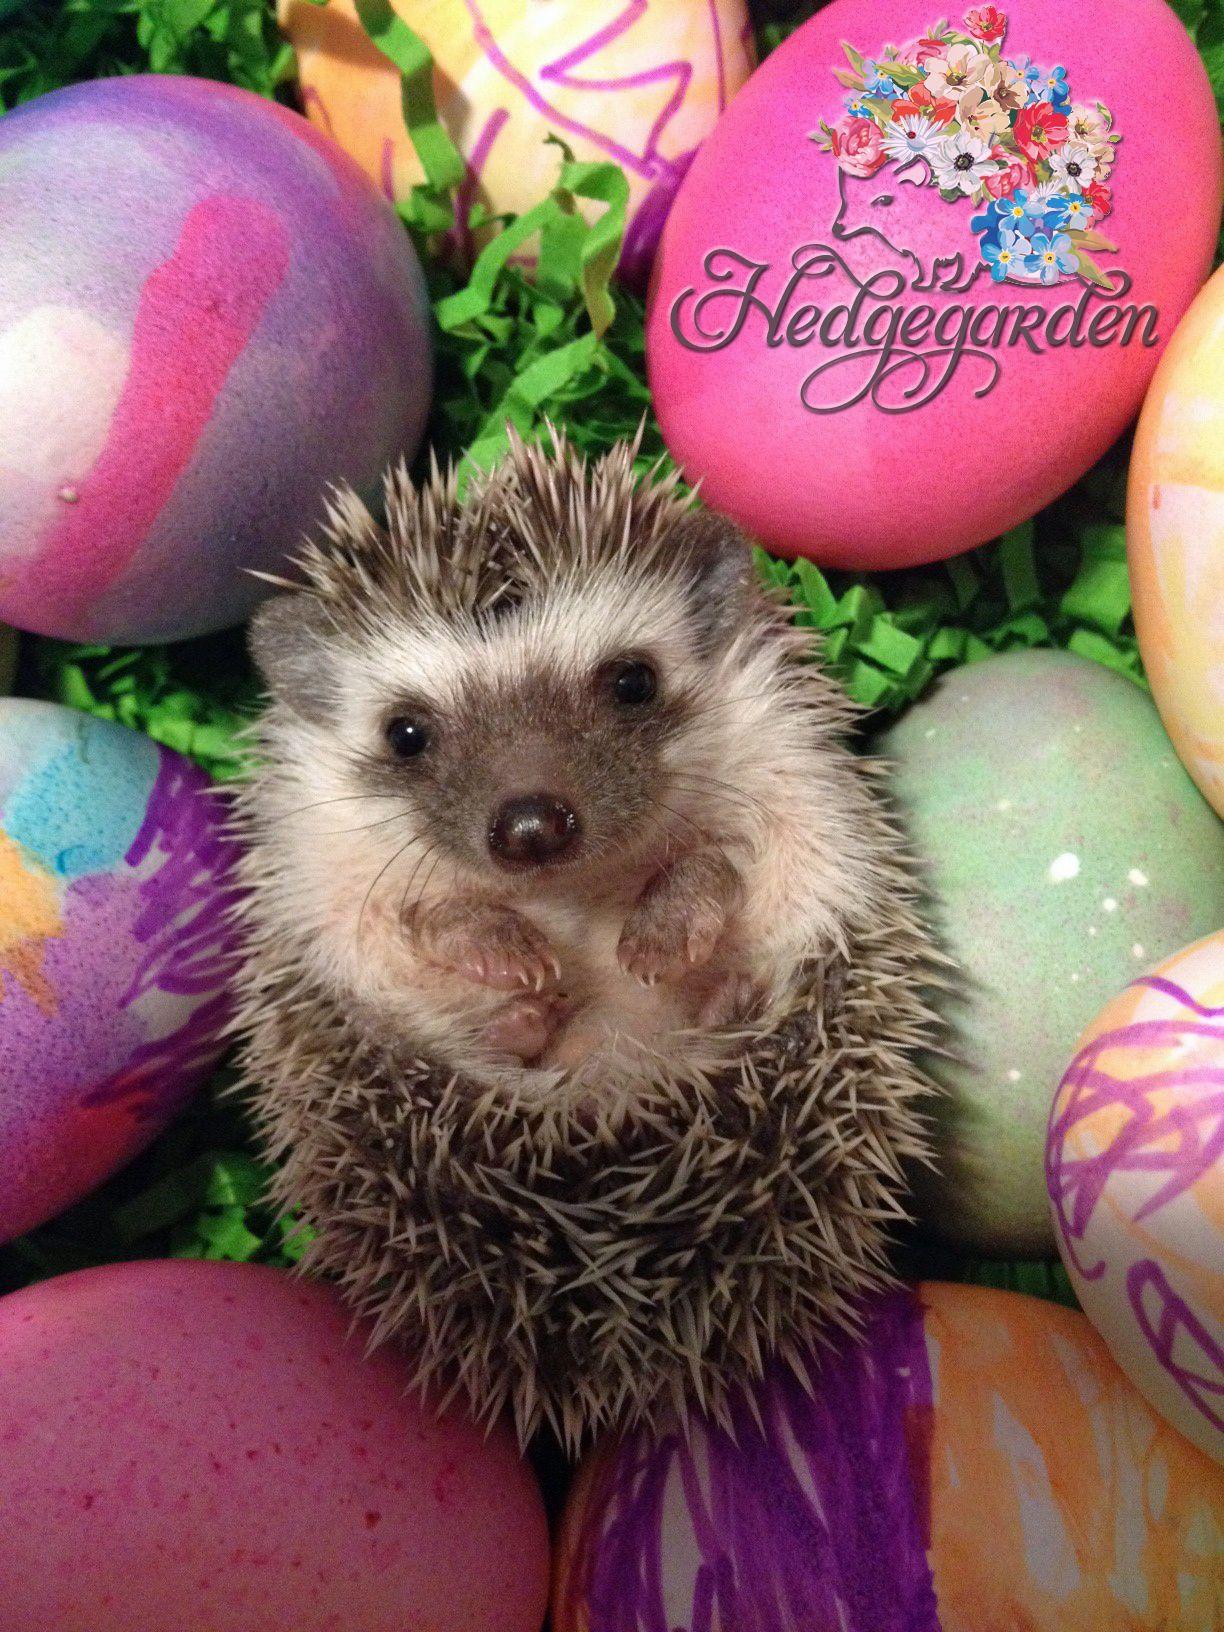 Happy Easter! #hedgehog #easter #basket #egg